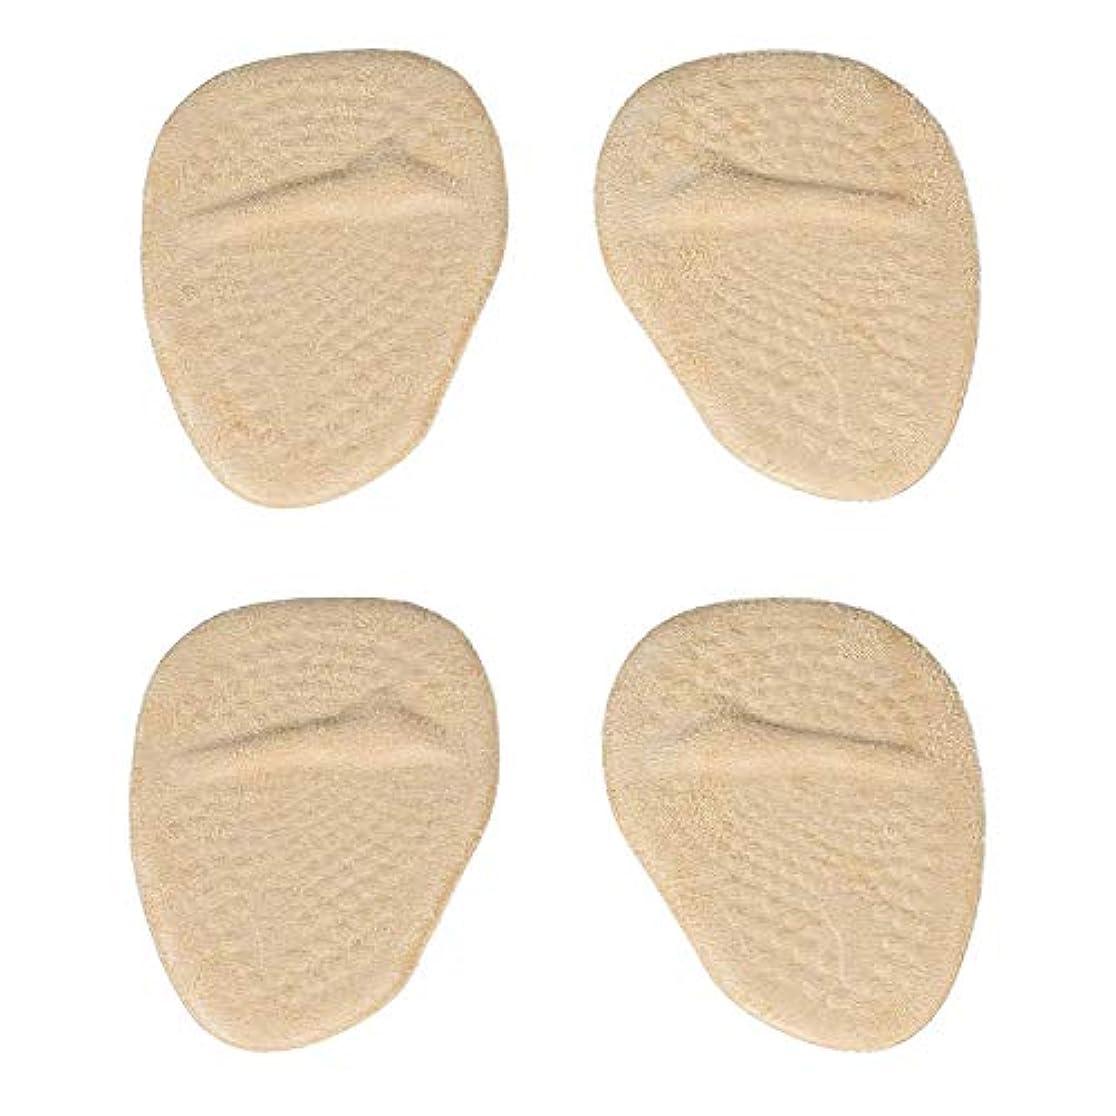 教え成長レイプ脛骨パッド、足パッド、頬骨パッド、女性用ハイヒール用足パッド、滑り止めジェル